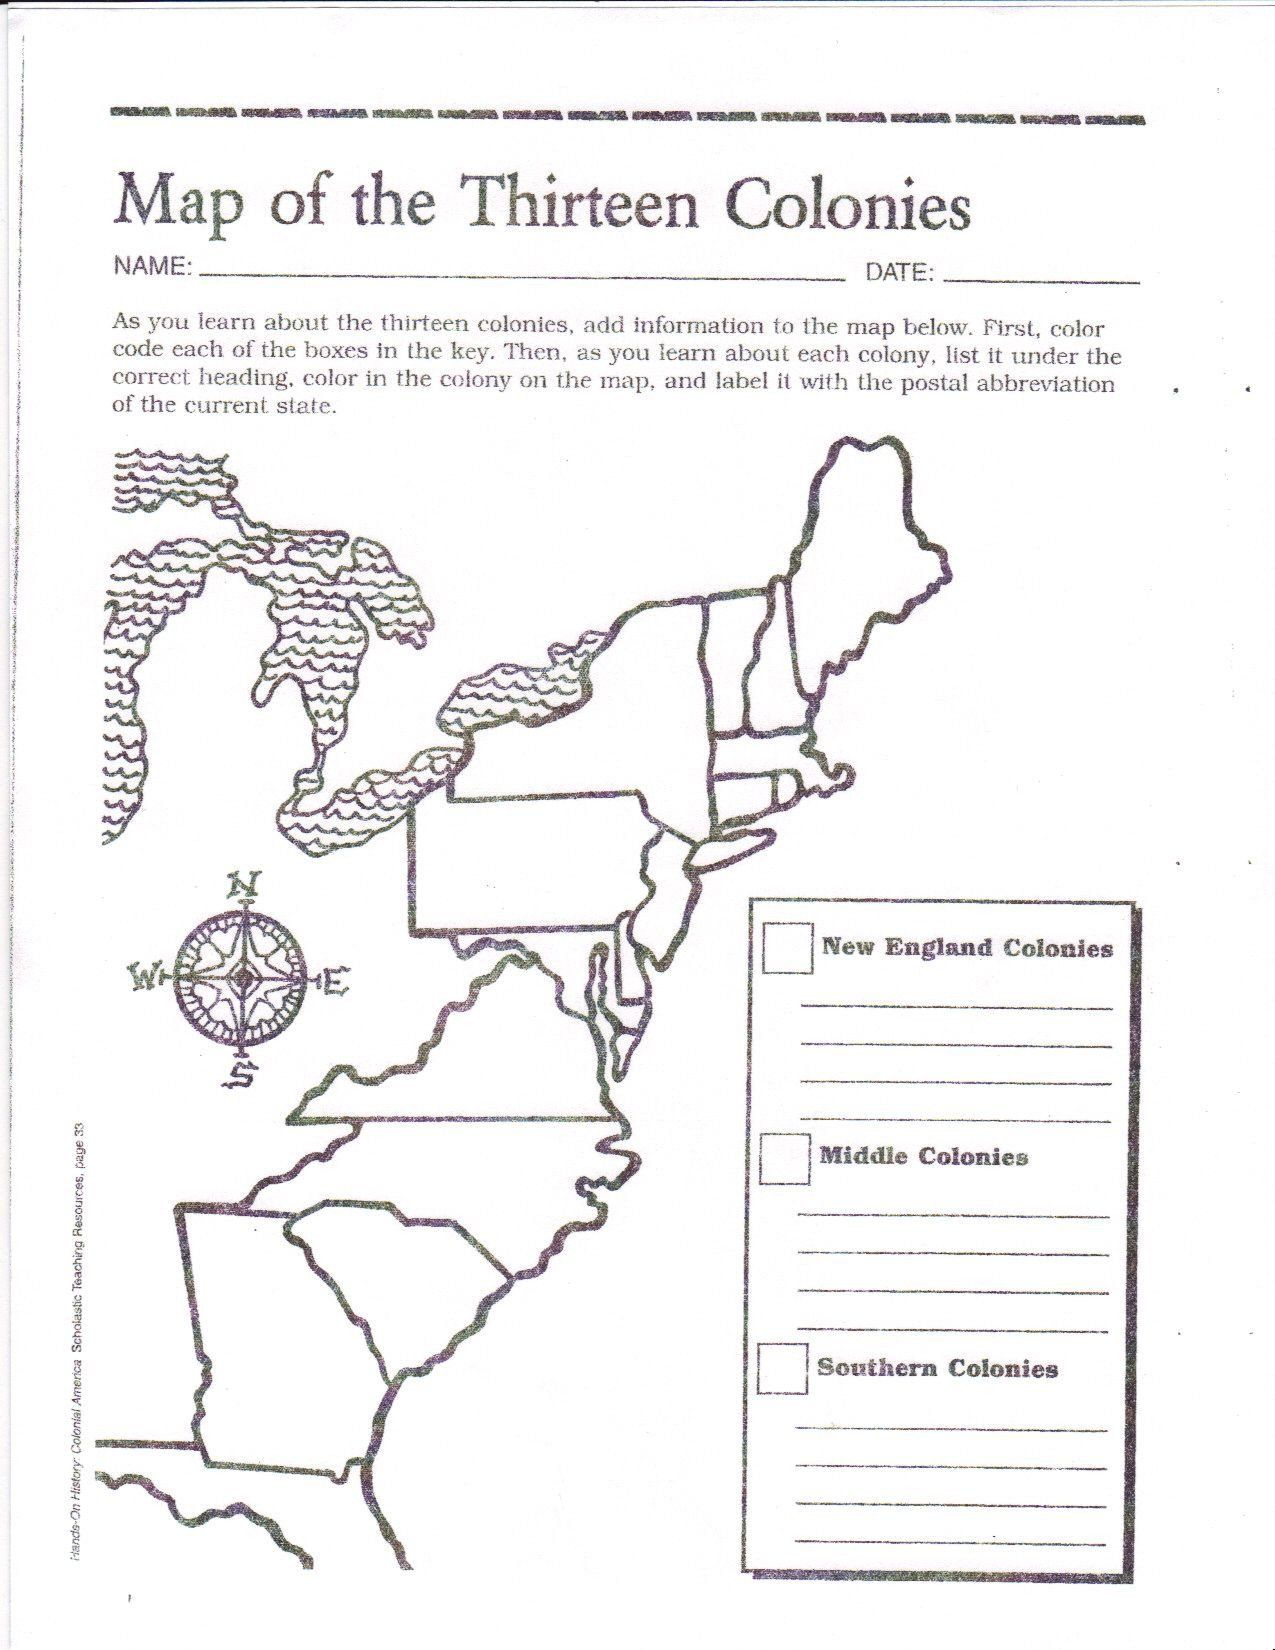 13 Colonies Worksheet Pdf Blank Map Of the 13 original Colonies Google  Search   Social studies worksheets [ 1650 x 1275 Pixel ]